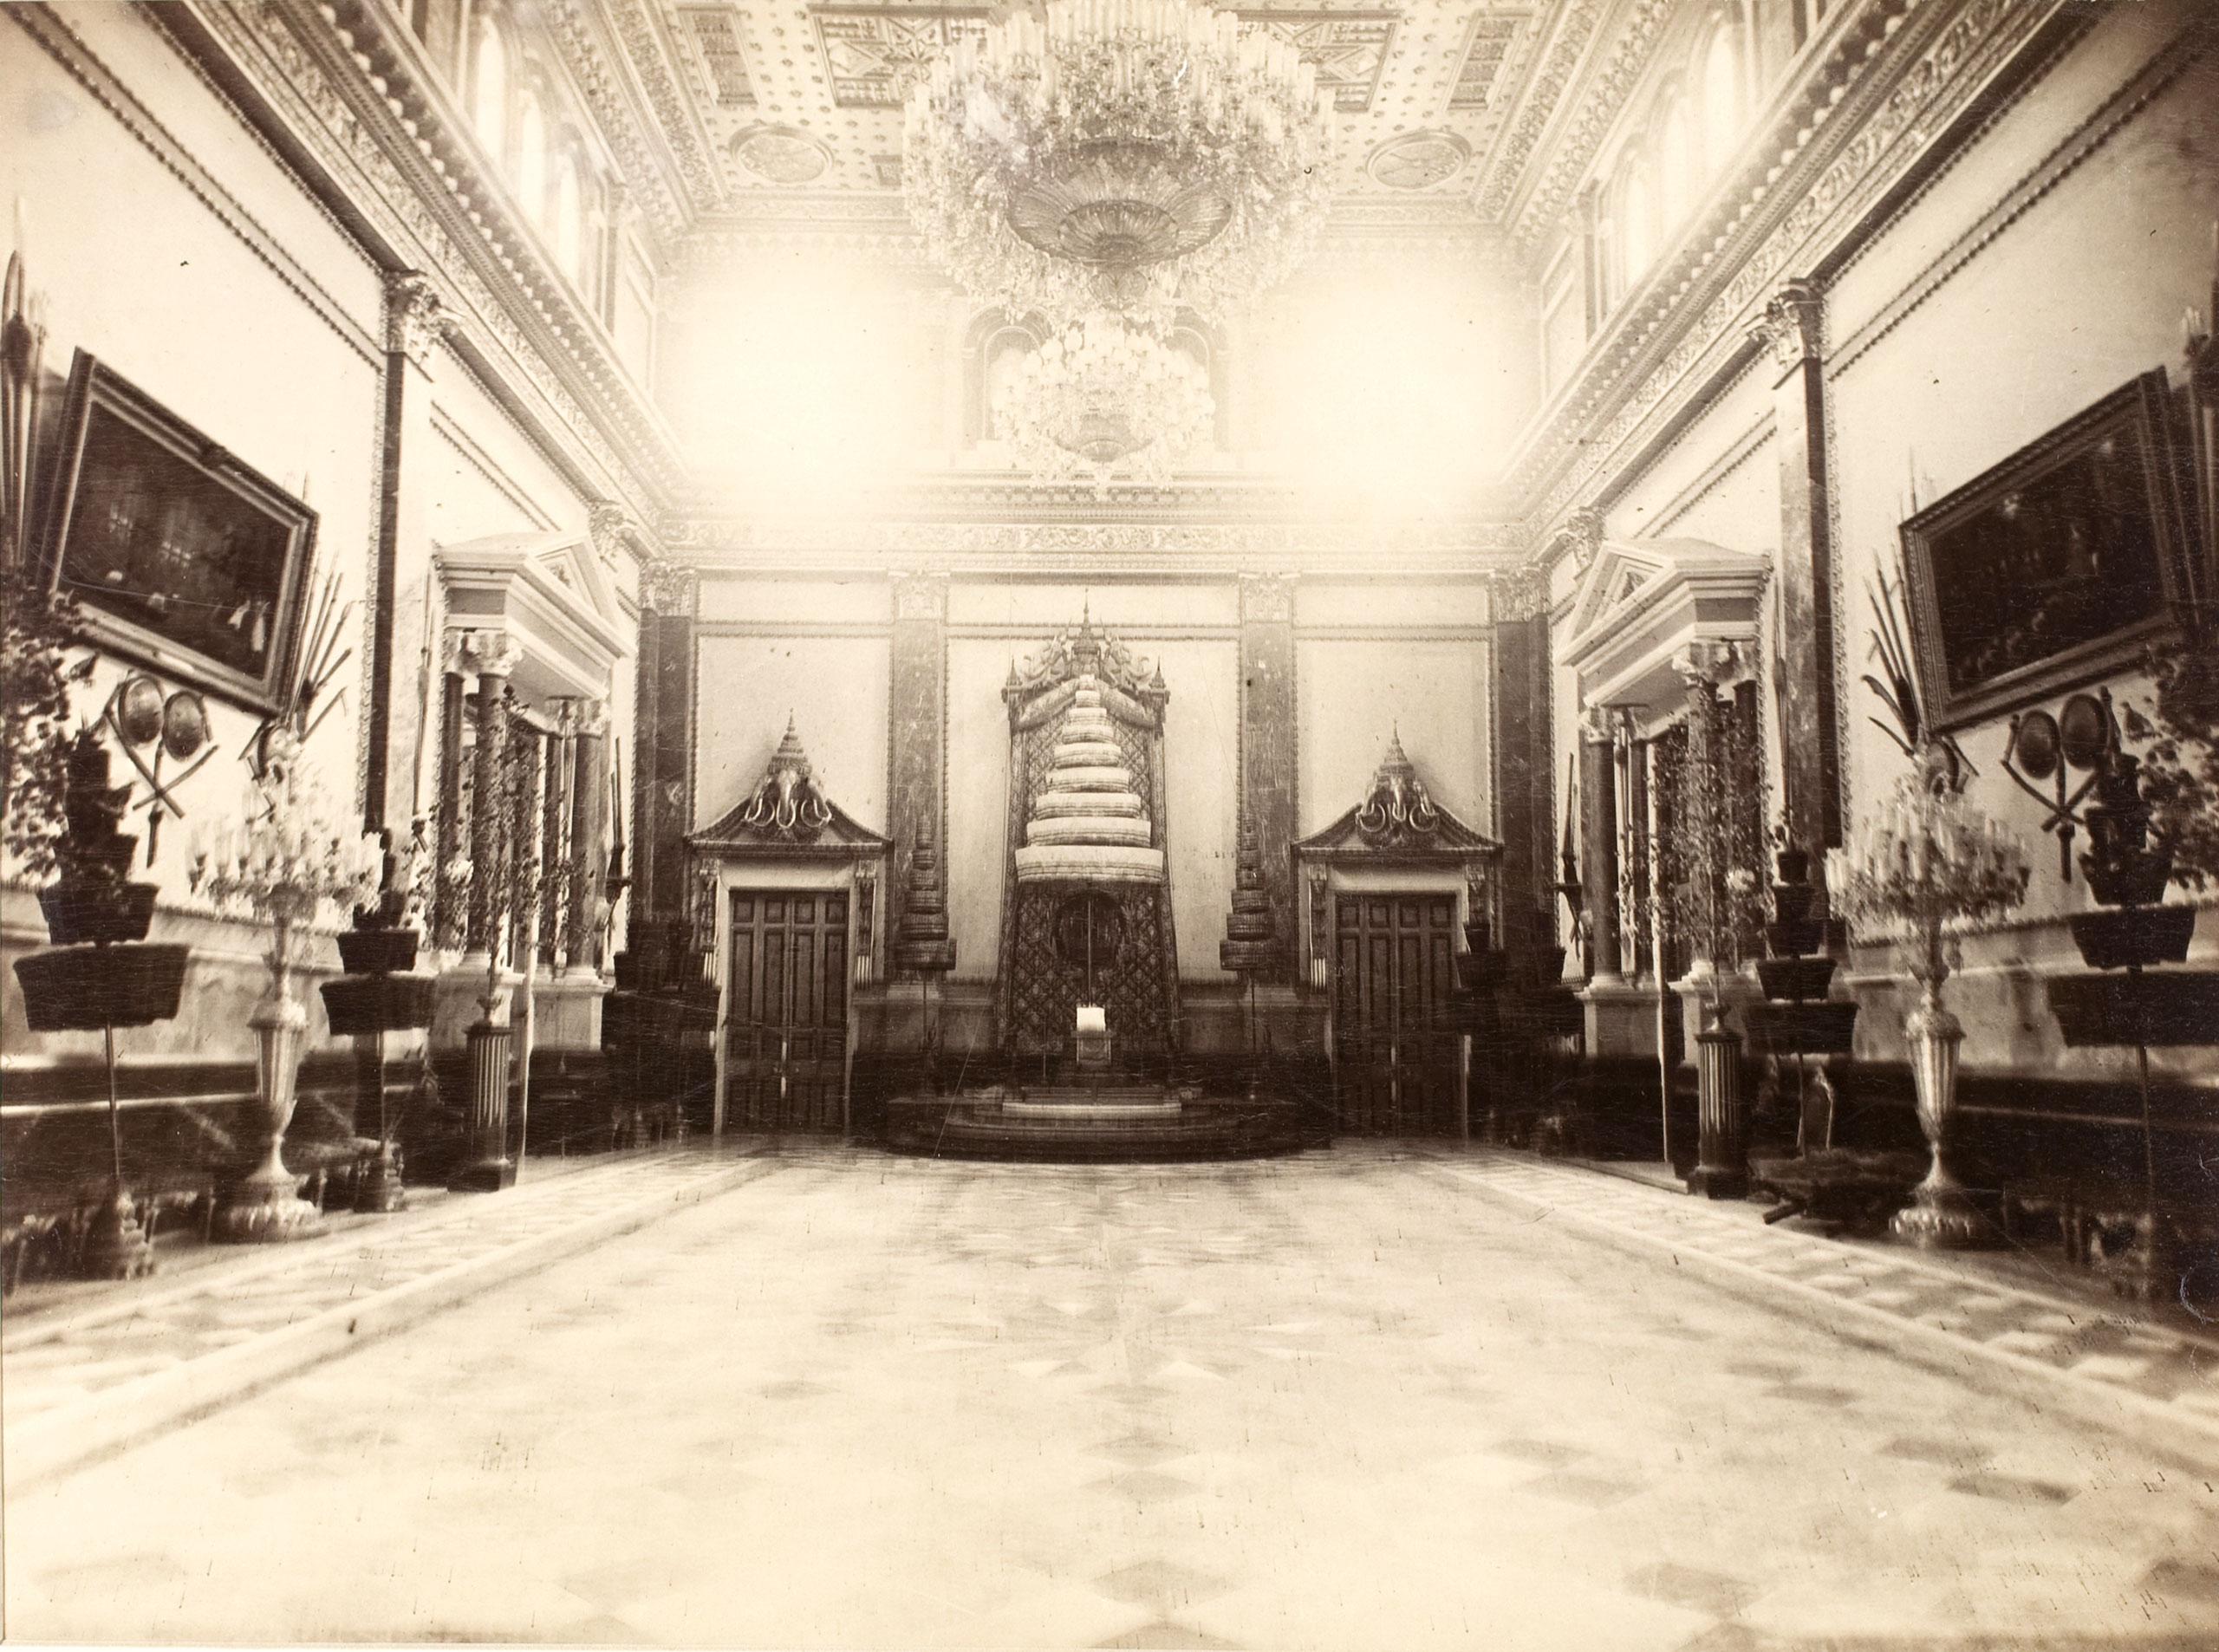 Throne room in the Maha Chakrakri Palace, Siam, 1893.